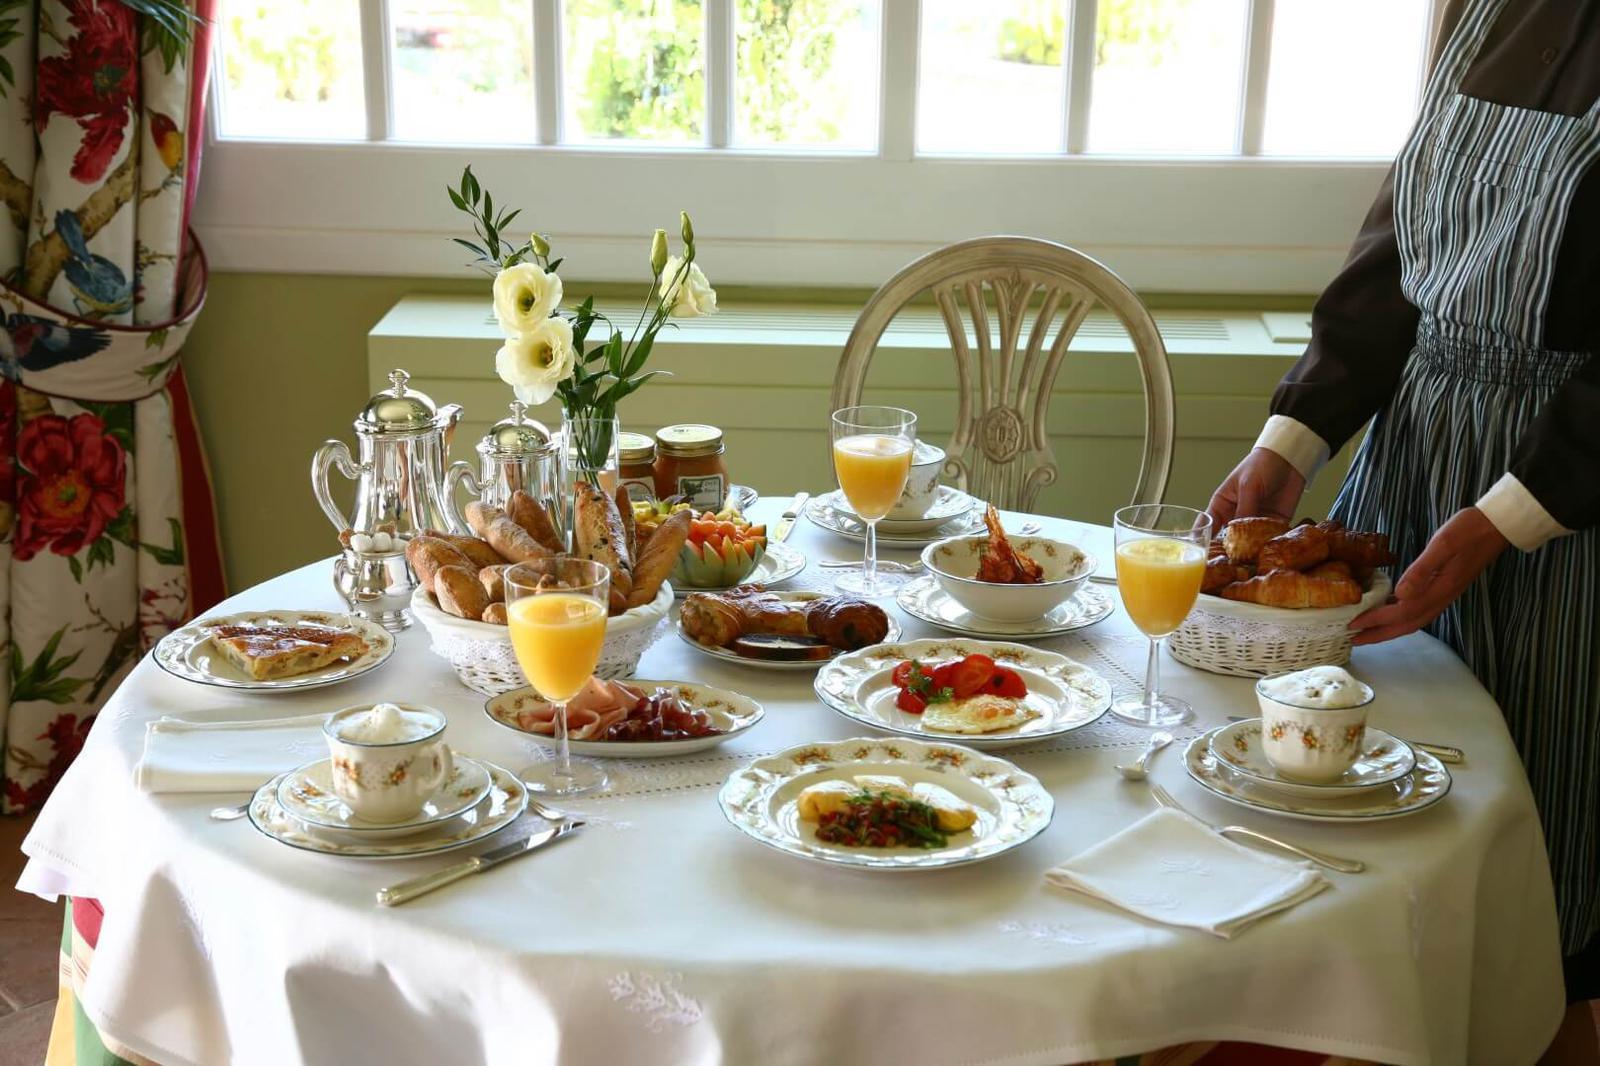 Los mejores desayunos de hotel de espa a for Mesa desayuno